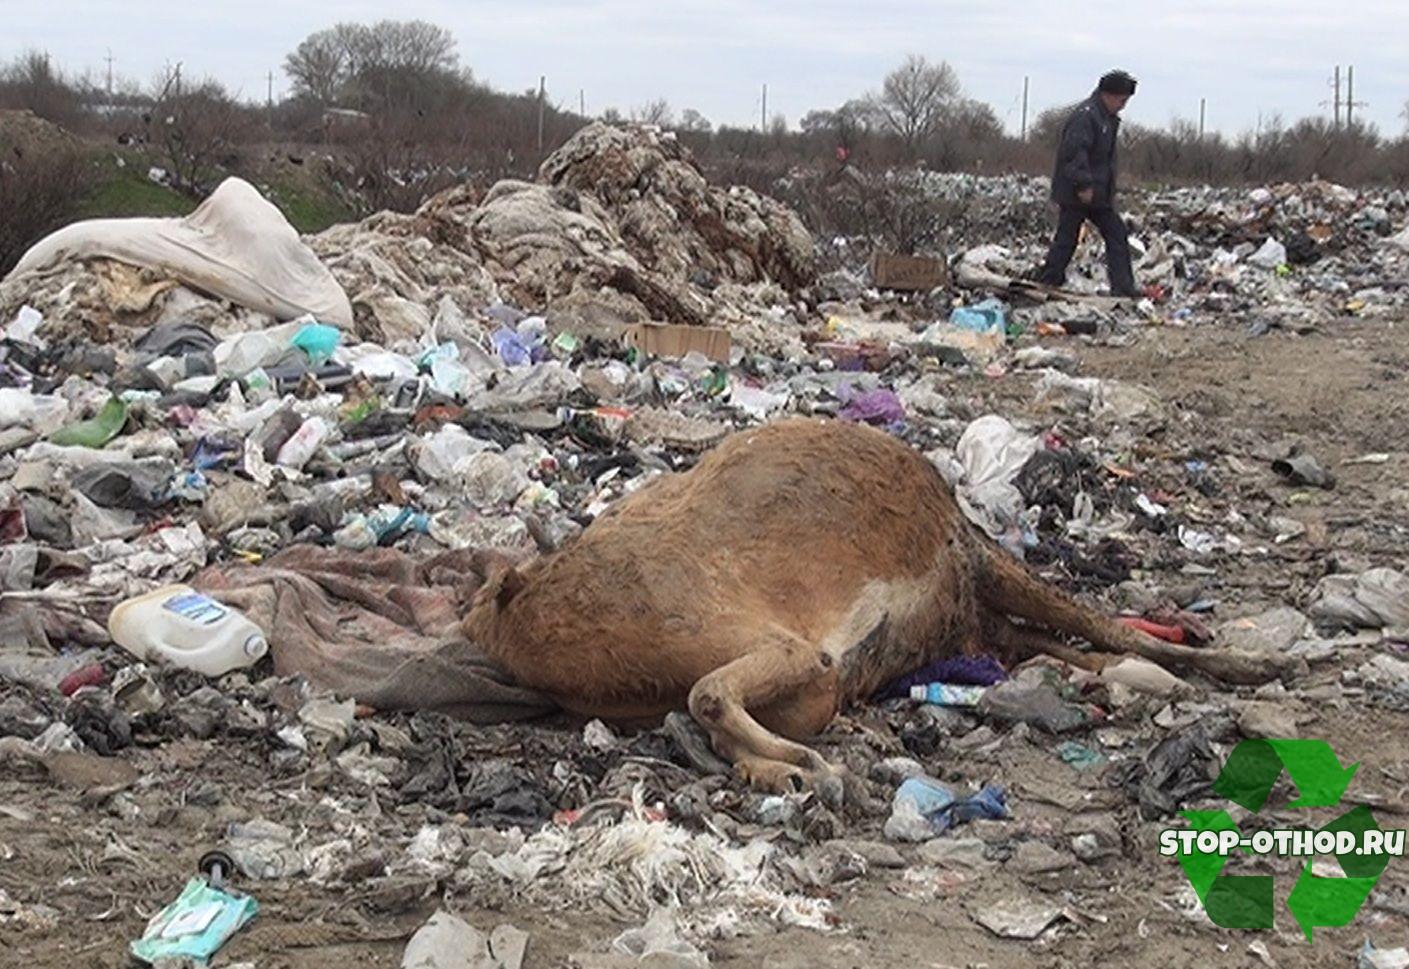 неправильная Утилизация биологических отходов